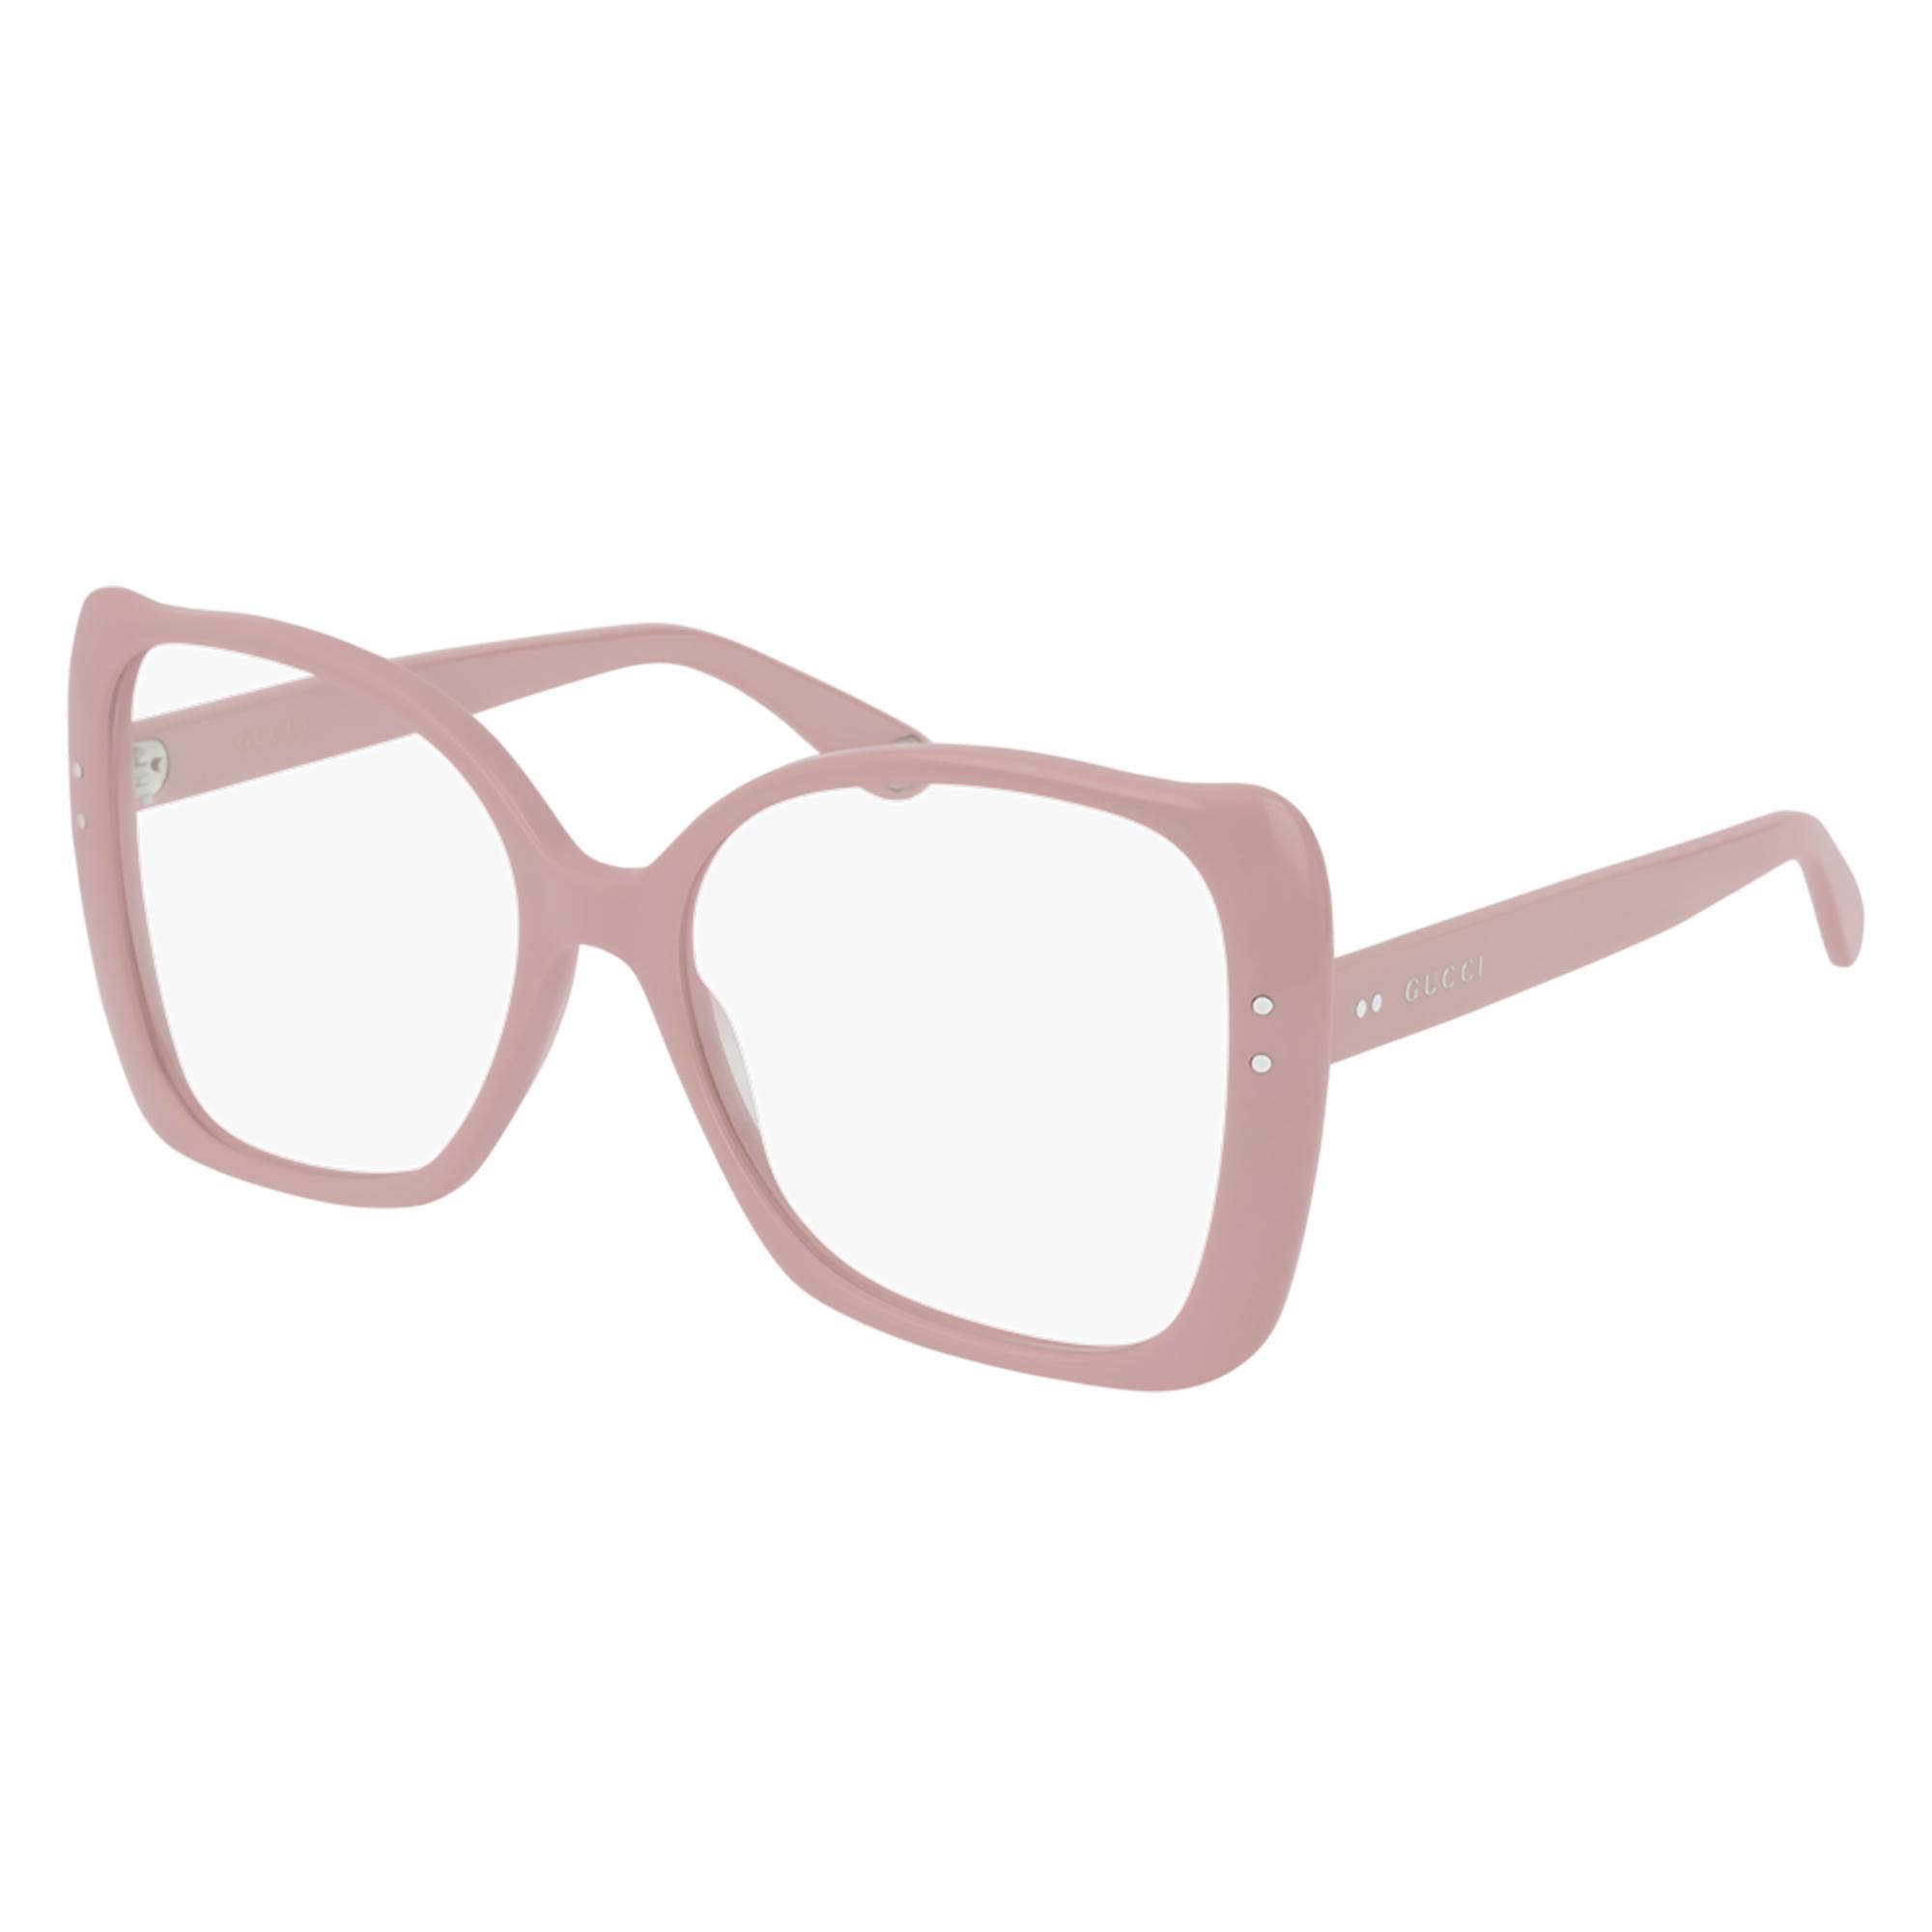 004 pink pink transparent